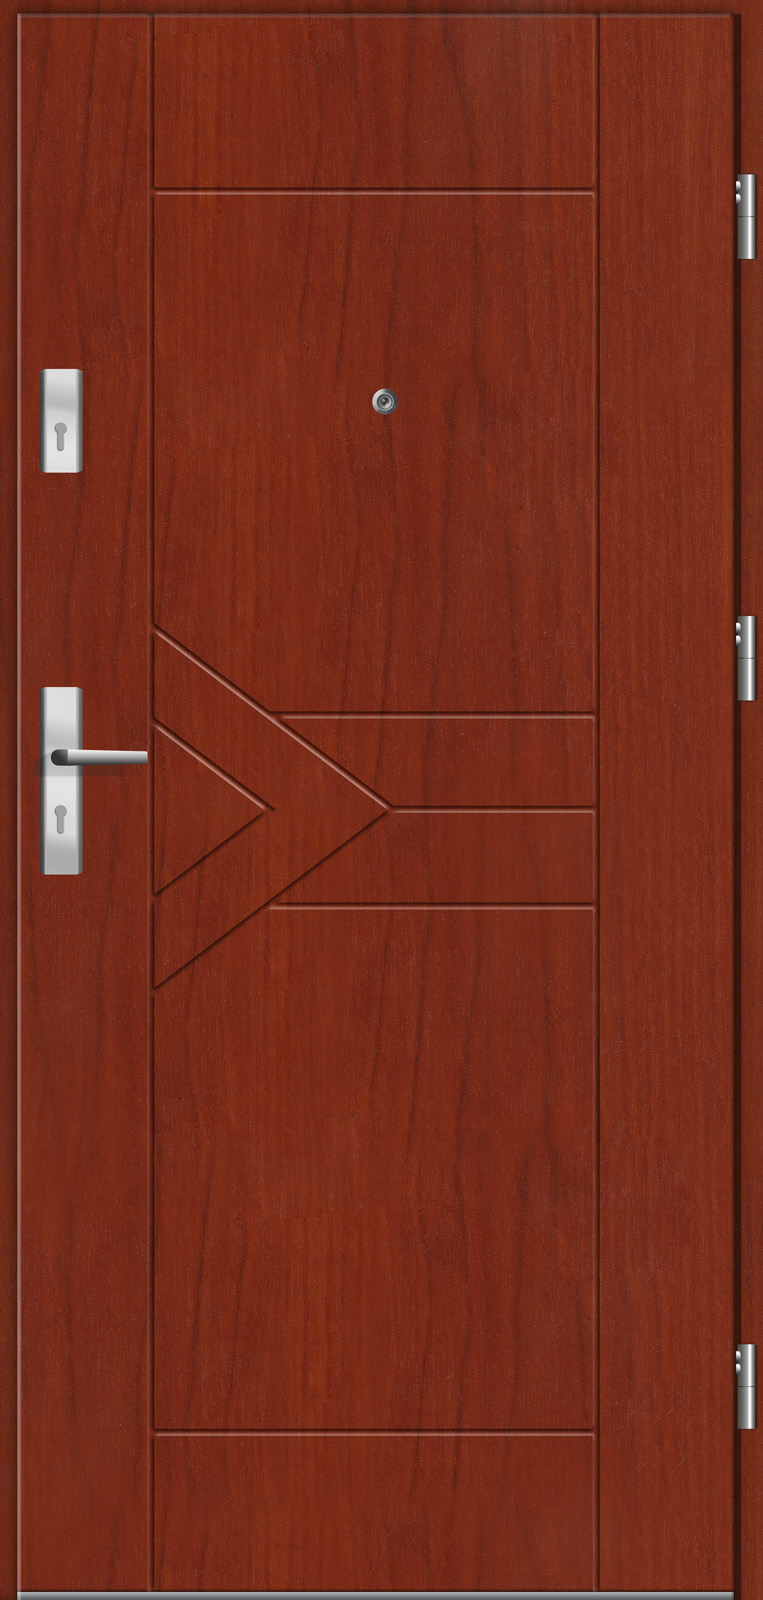 Drzwi wewnętrzne do mieszkań Otium 26 cedr